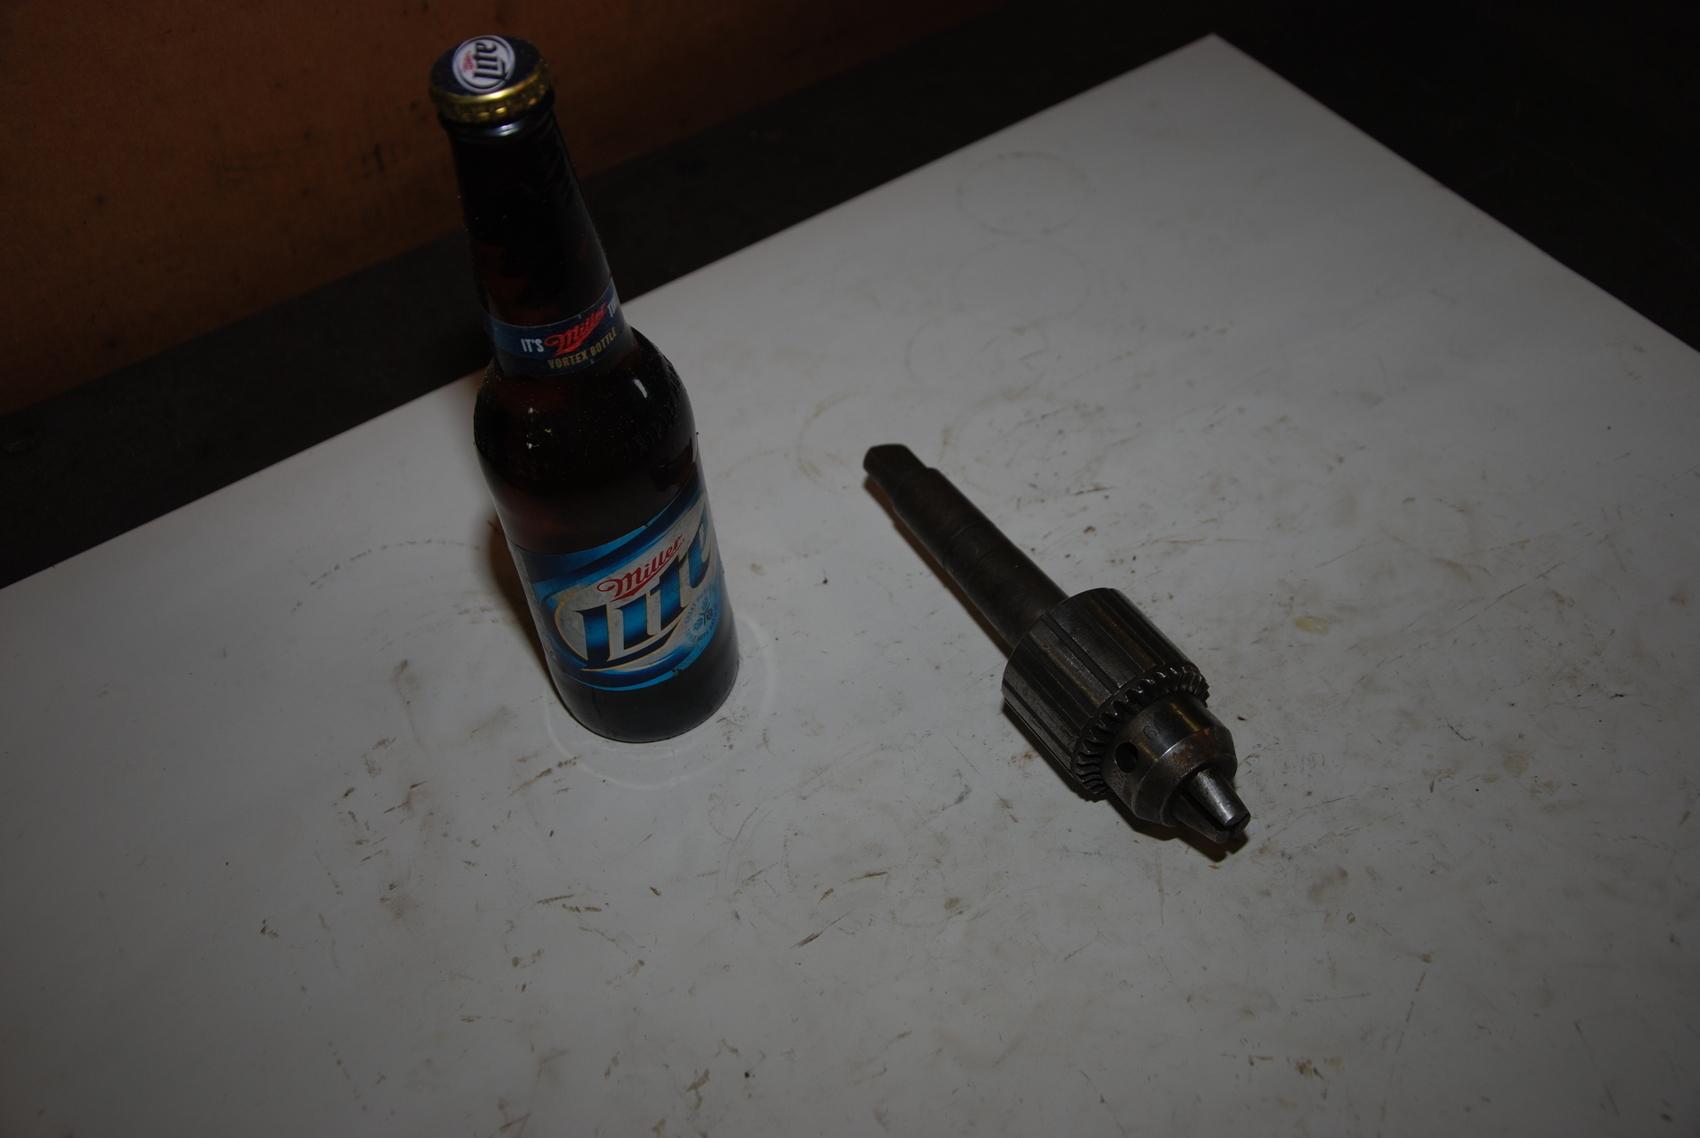 Jacobs Ball Bearing chuck 6A 2A/AO302 Arbor 3 Morse Taper